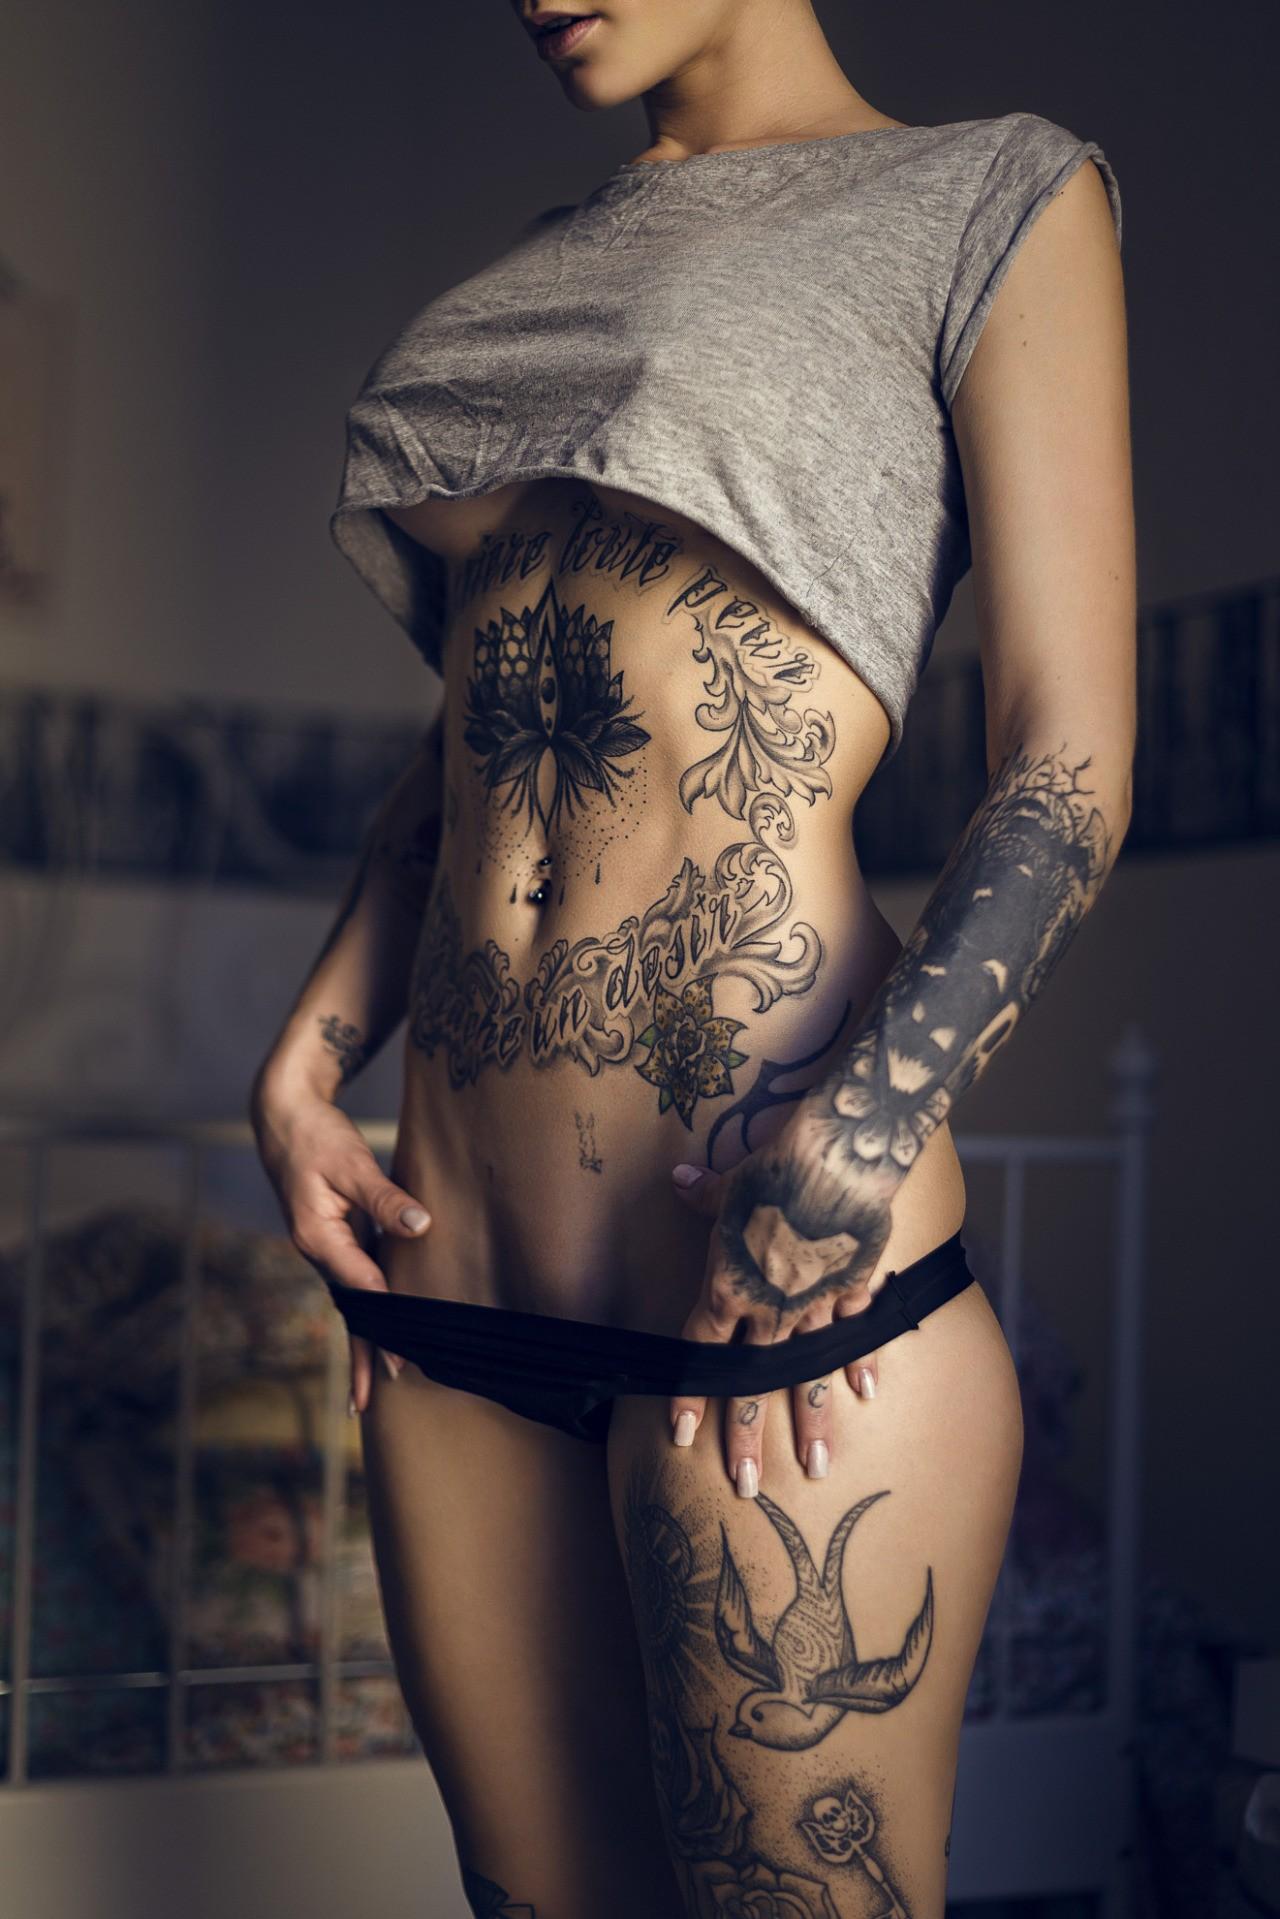 Fondos de pantalla : mujer, modelo, tatuaje, Moda, vientre, lencería ...